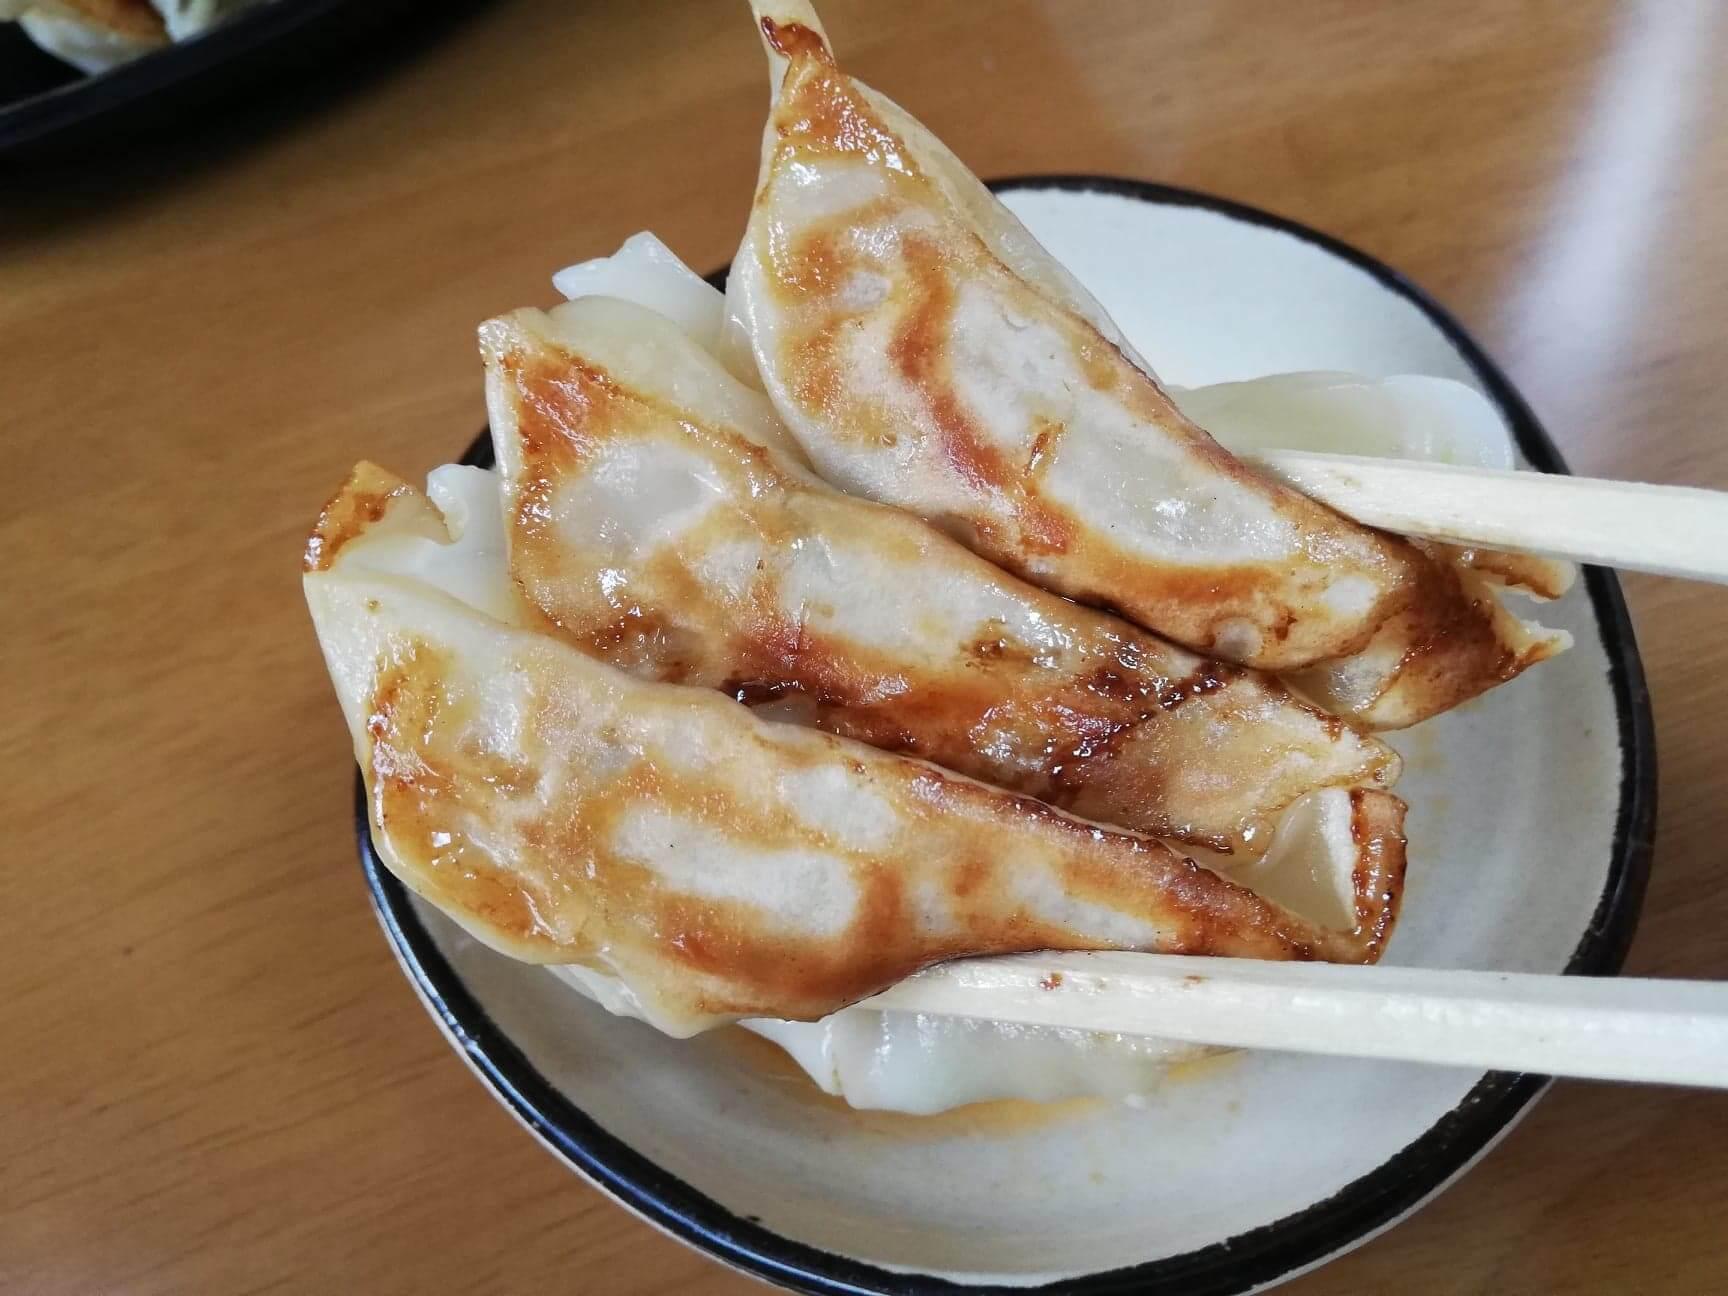 幸楽苑のテイクアウトメニュー『幸楽苑弁当』の餃子の写真